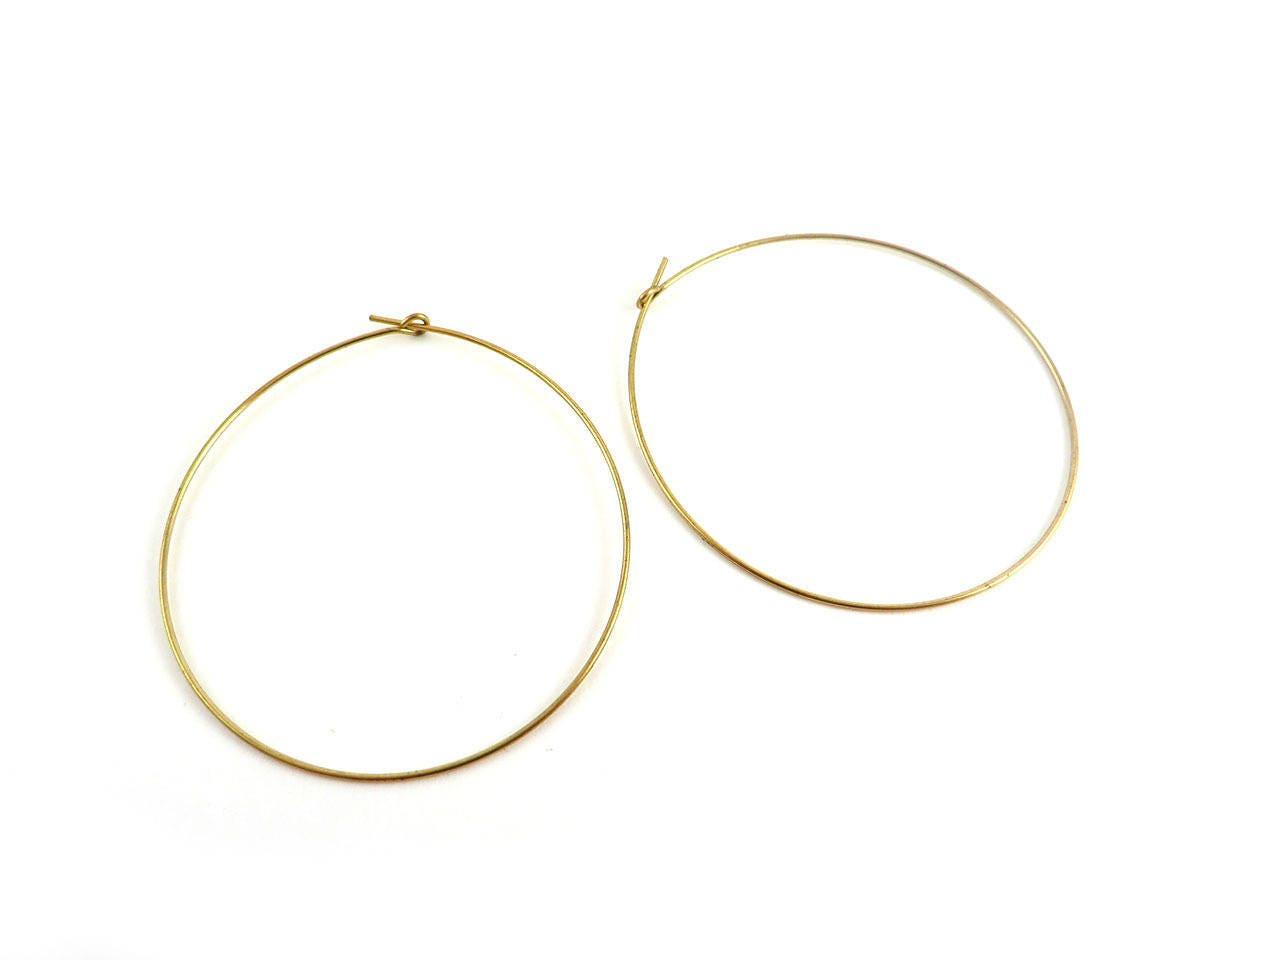 2 große kreolische Ring Ohrringe 22 Gauge 065 mm